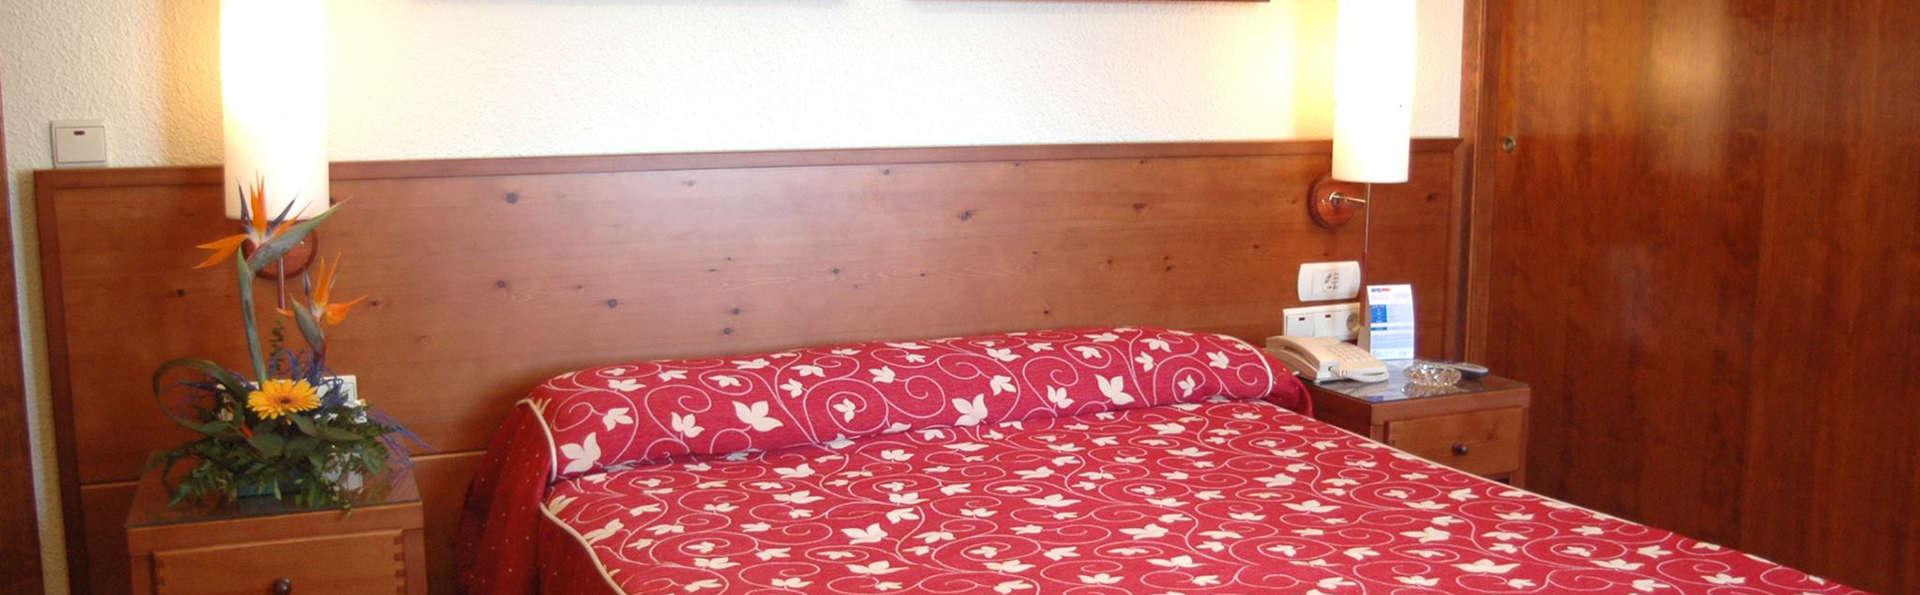 Hotel Masa International - EDIT_room6.jpg